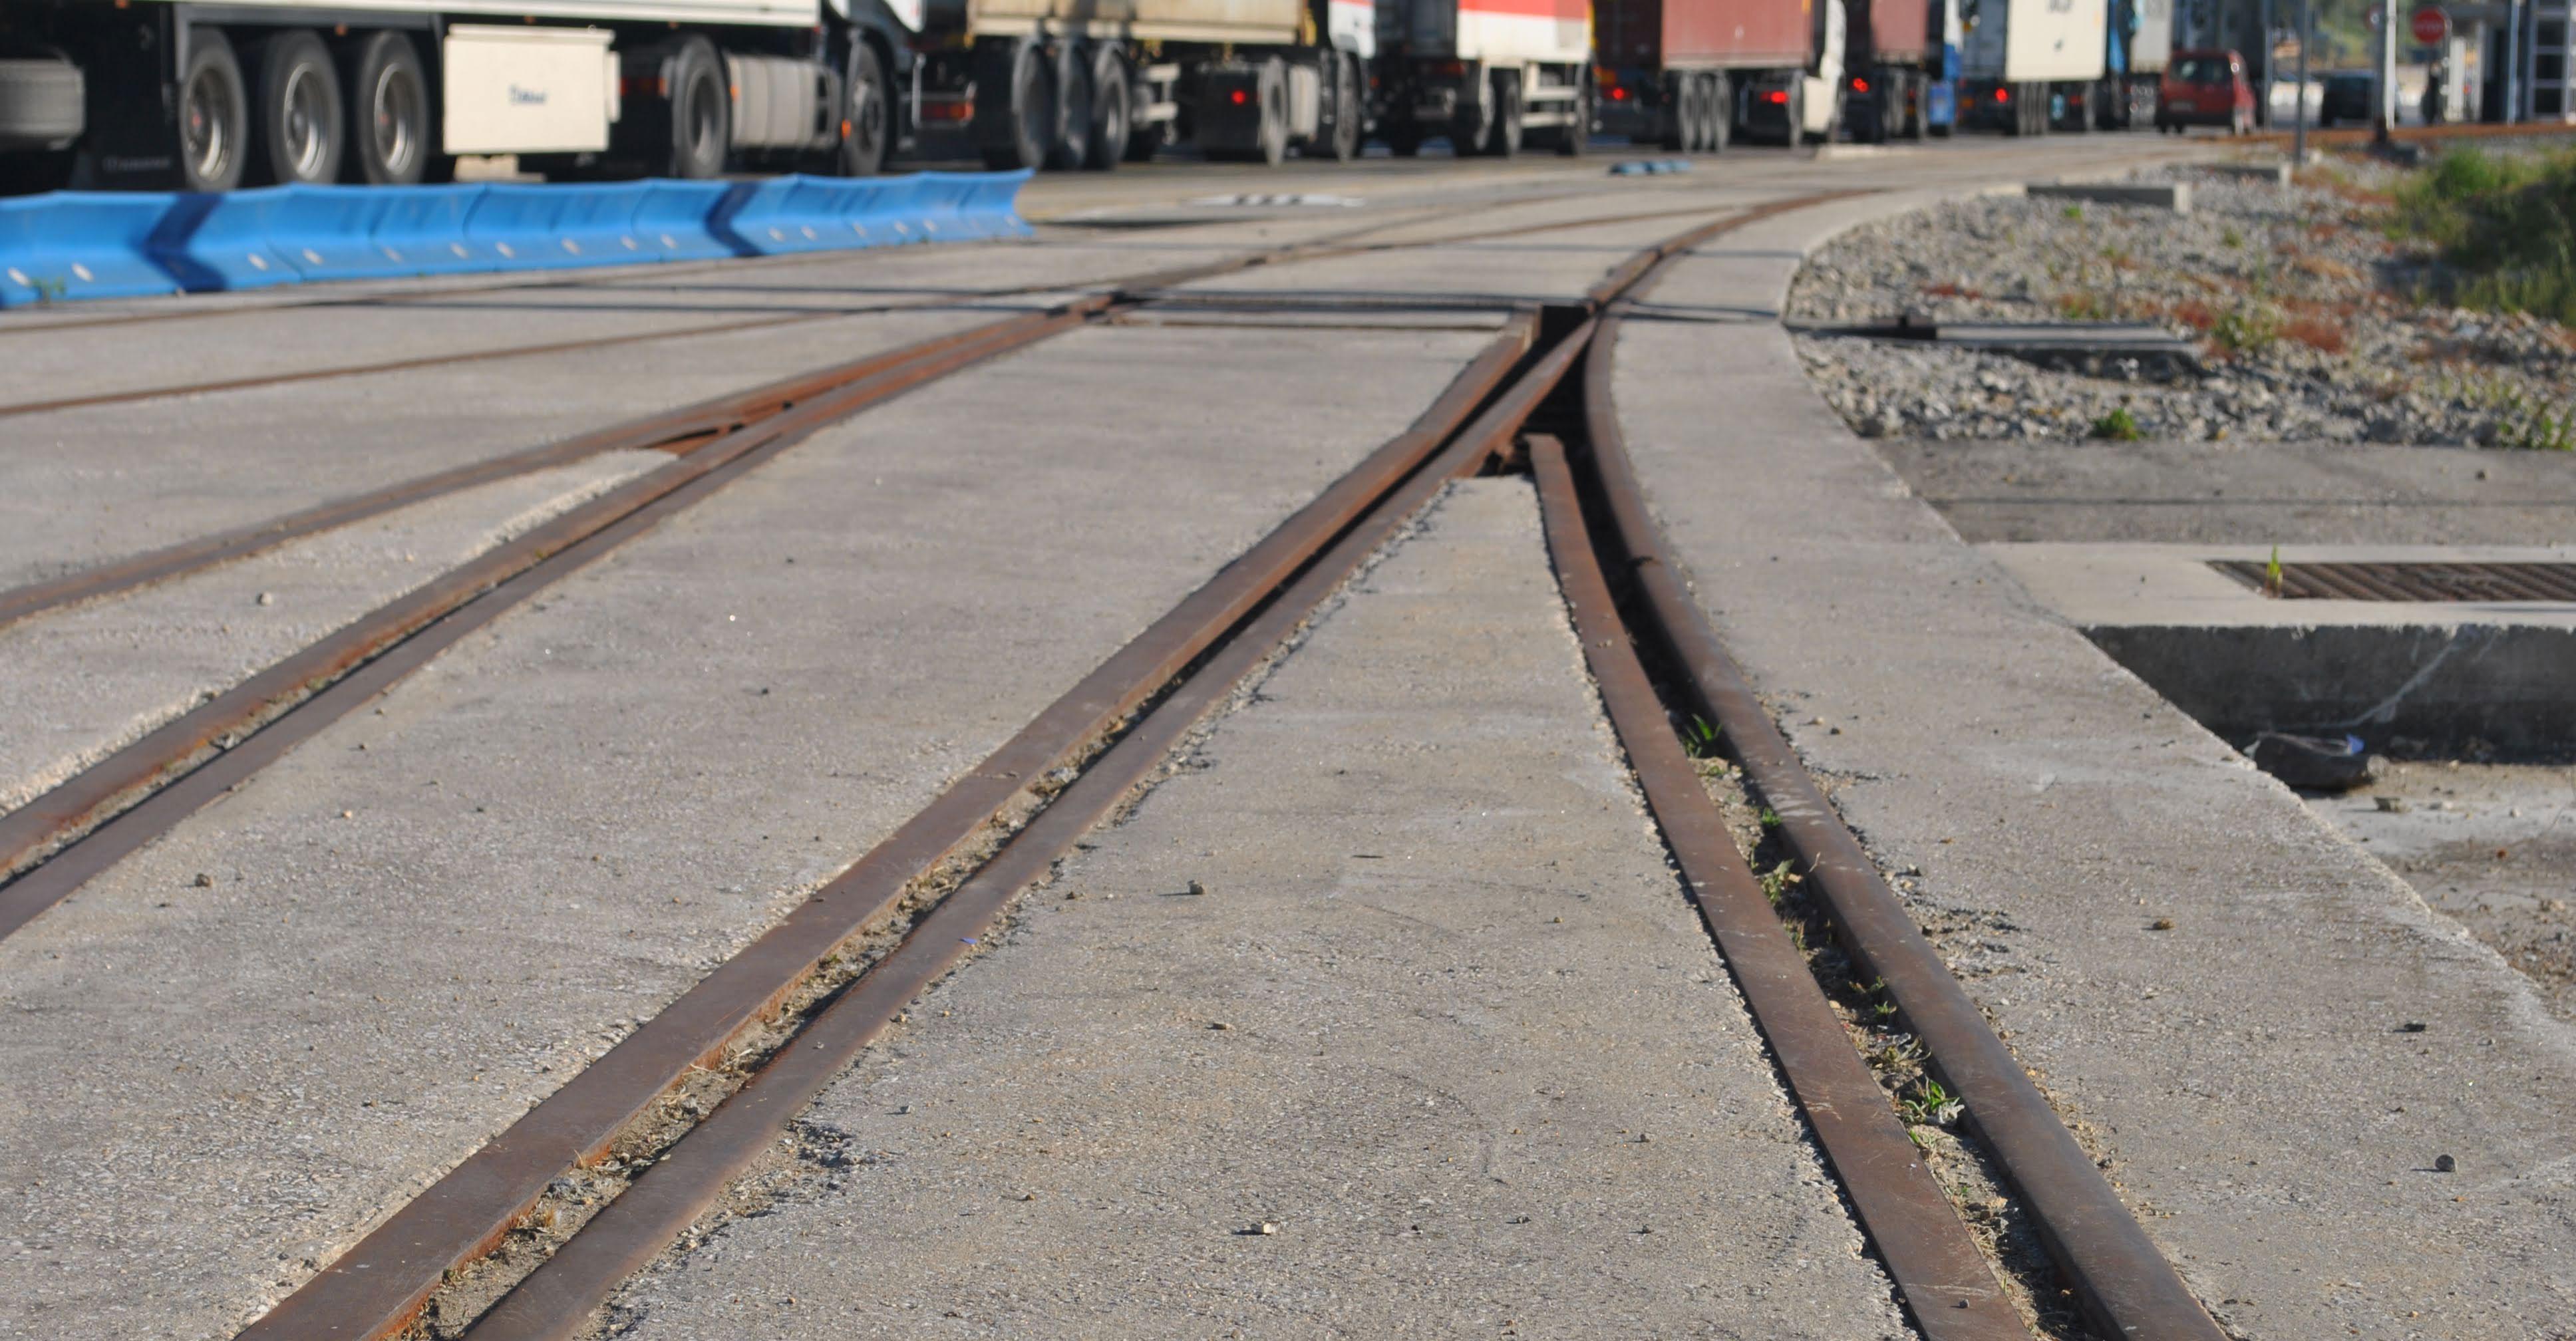 Adif adjudica el suministro de balasto para el mantenimiento de la red ferroviaria por más de 29 M€